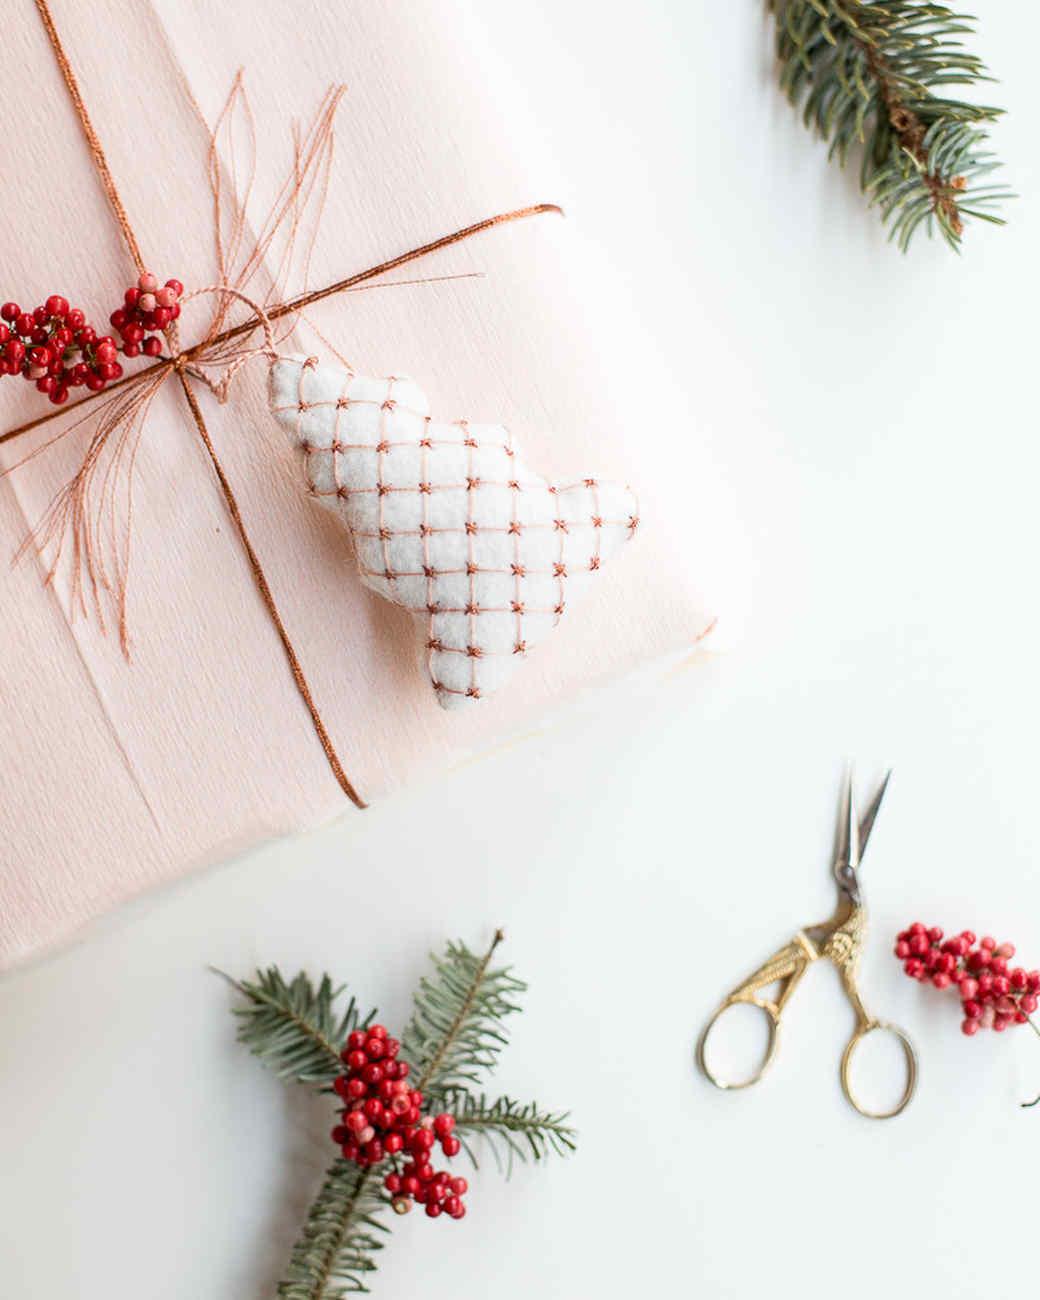 decorazioni-natalizie-pannolenci-regalo